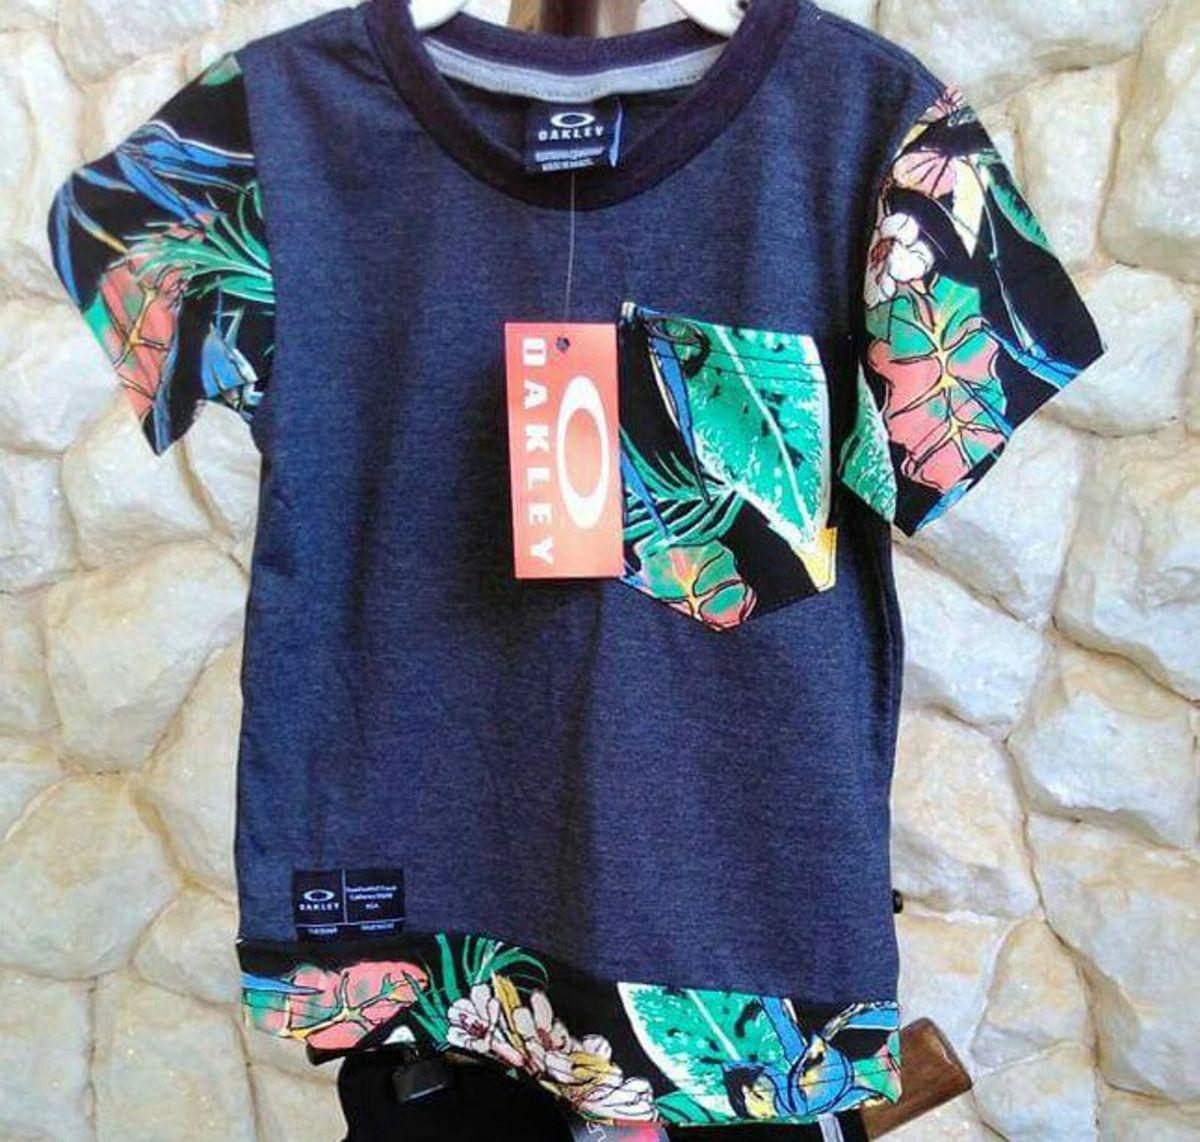 camisa oakley - menino oakley.  Czm6ly9wag90b3muzw5qb2vplmnvbs5ici9wcm9kdwn0cy81mduwmtywlzk3odq5otiwowzlmtcyytm4yjixnjyxntnlogfjnznilmpwzw 233763a0cbece